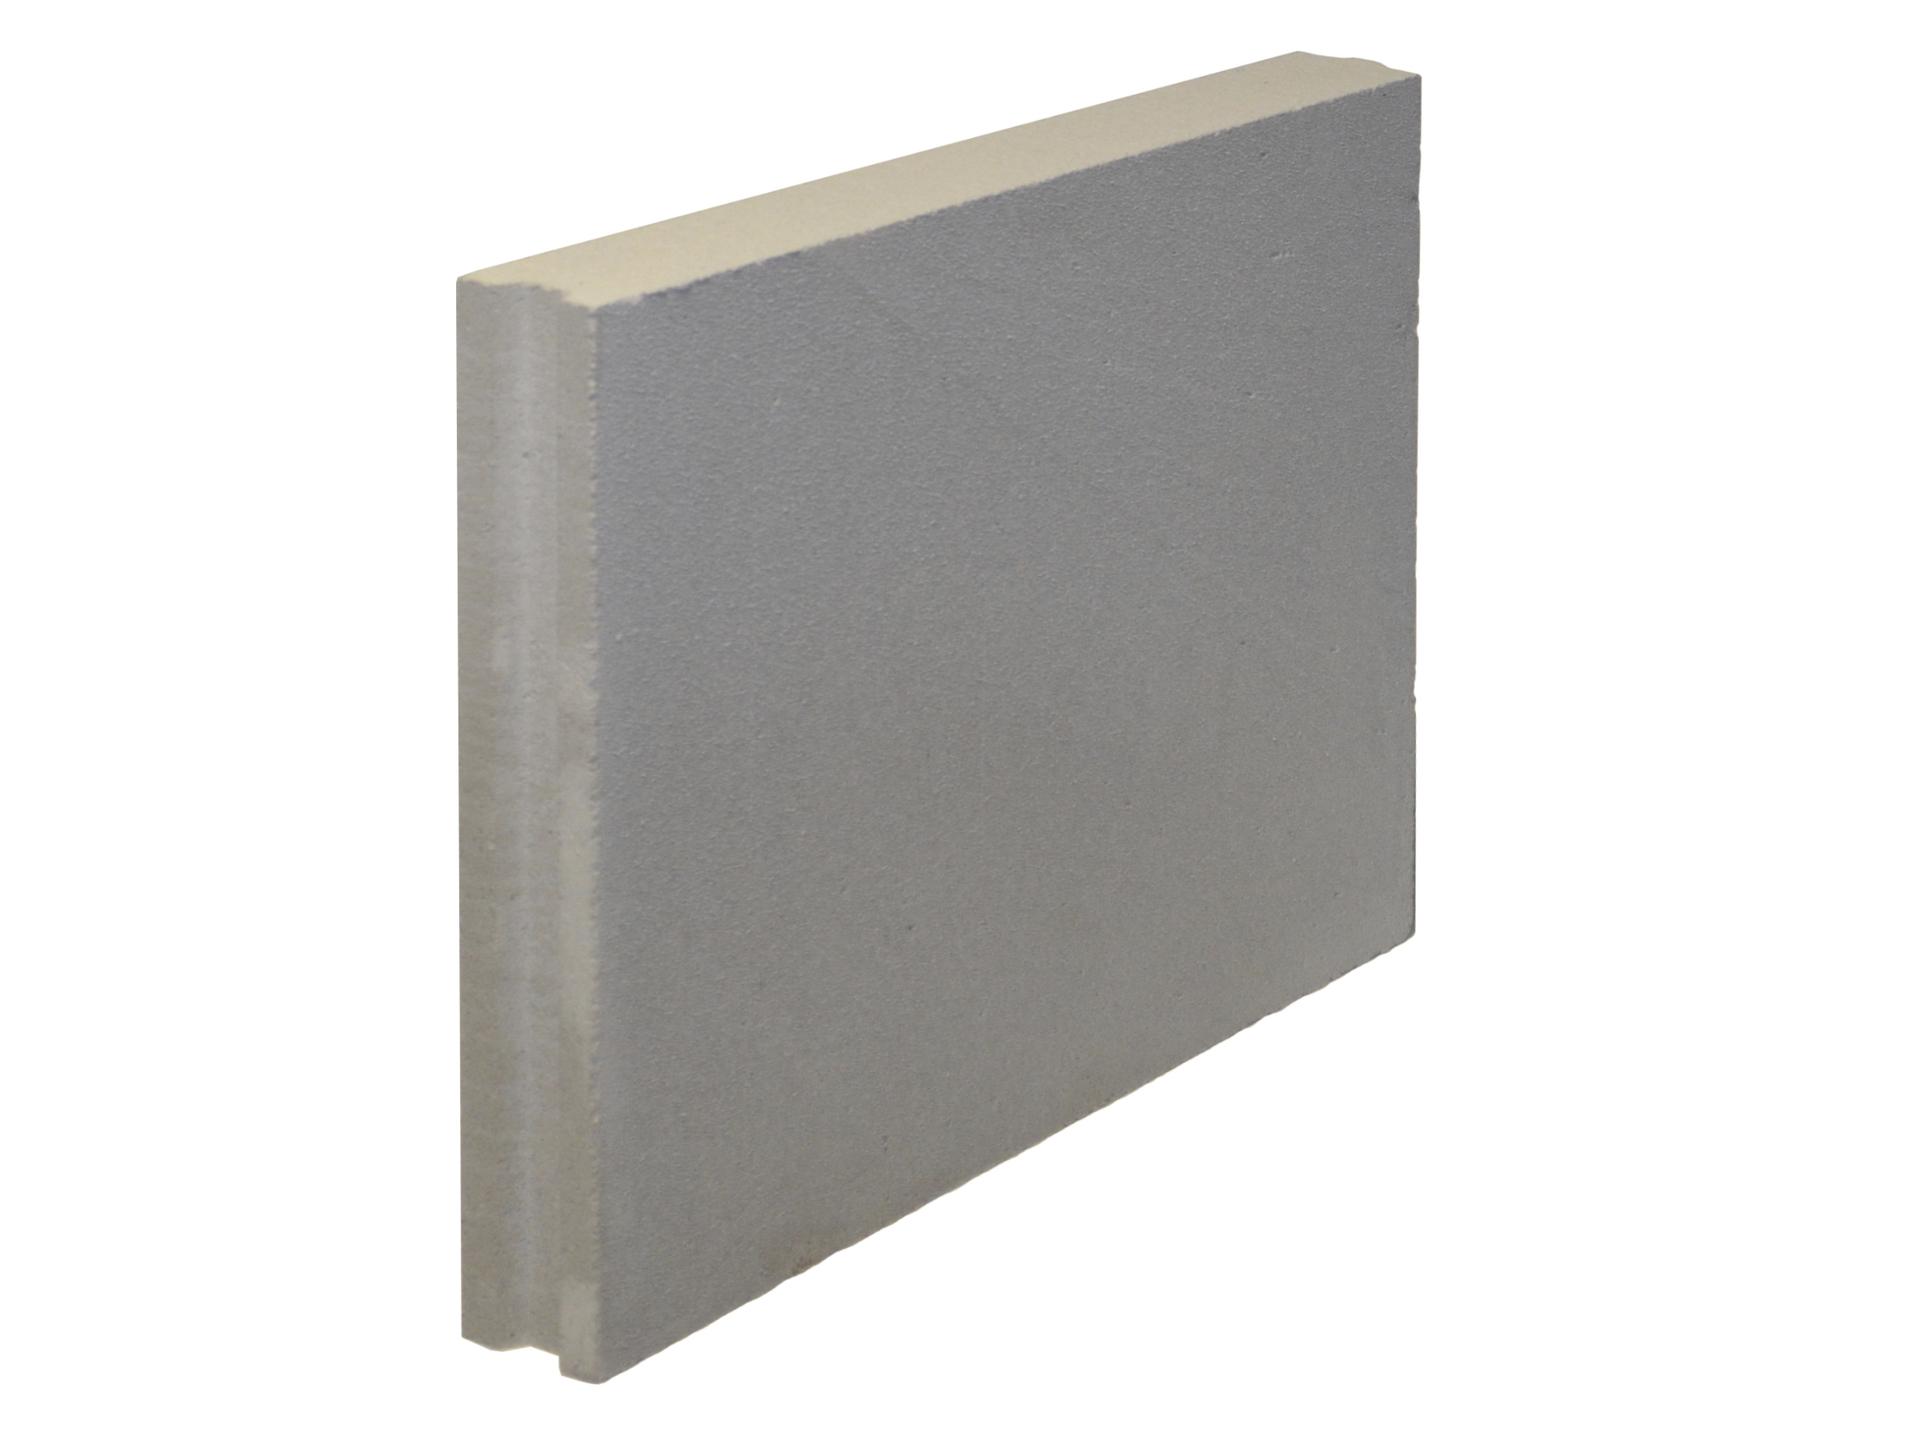 bloc en bton cellulaire ytong rainur et languett 60x50x7 cm